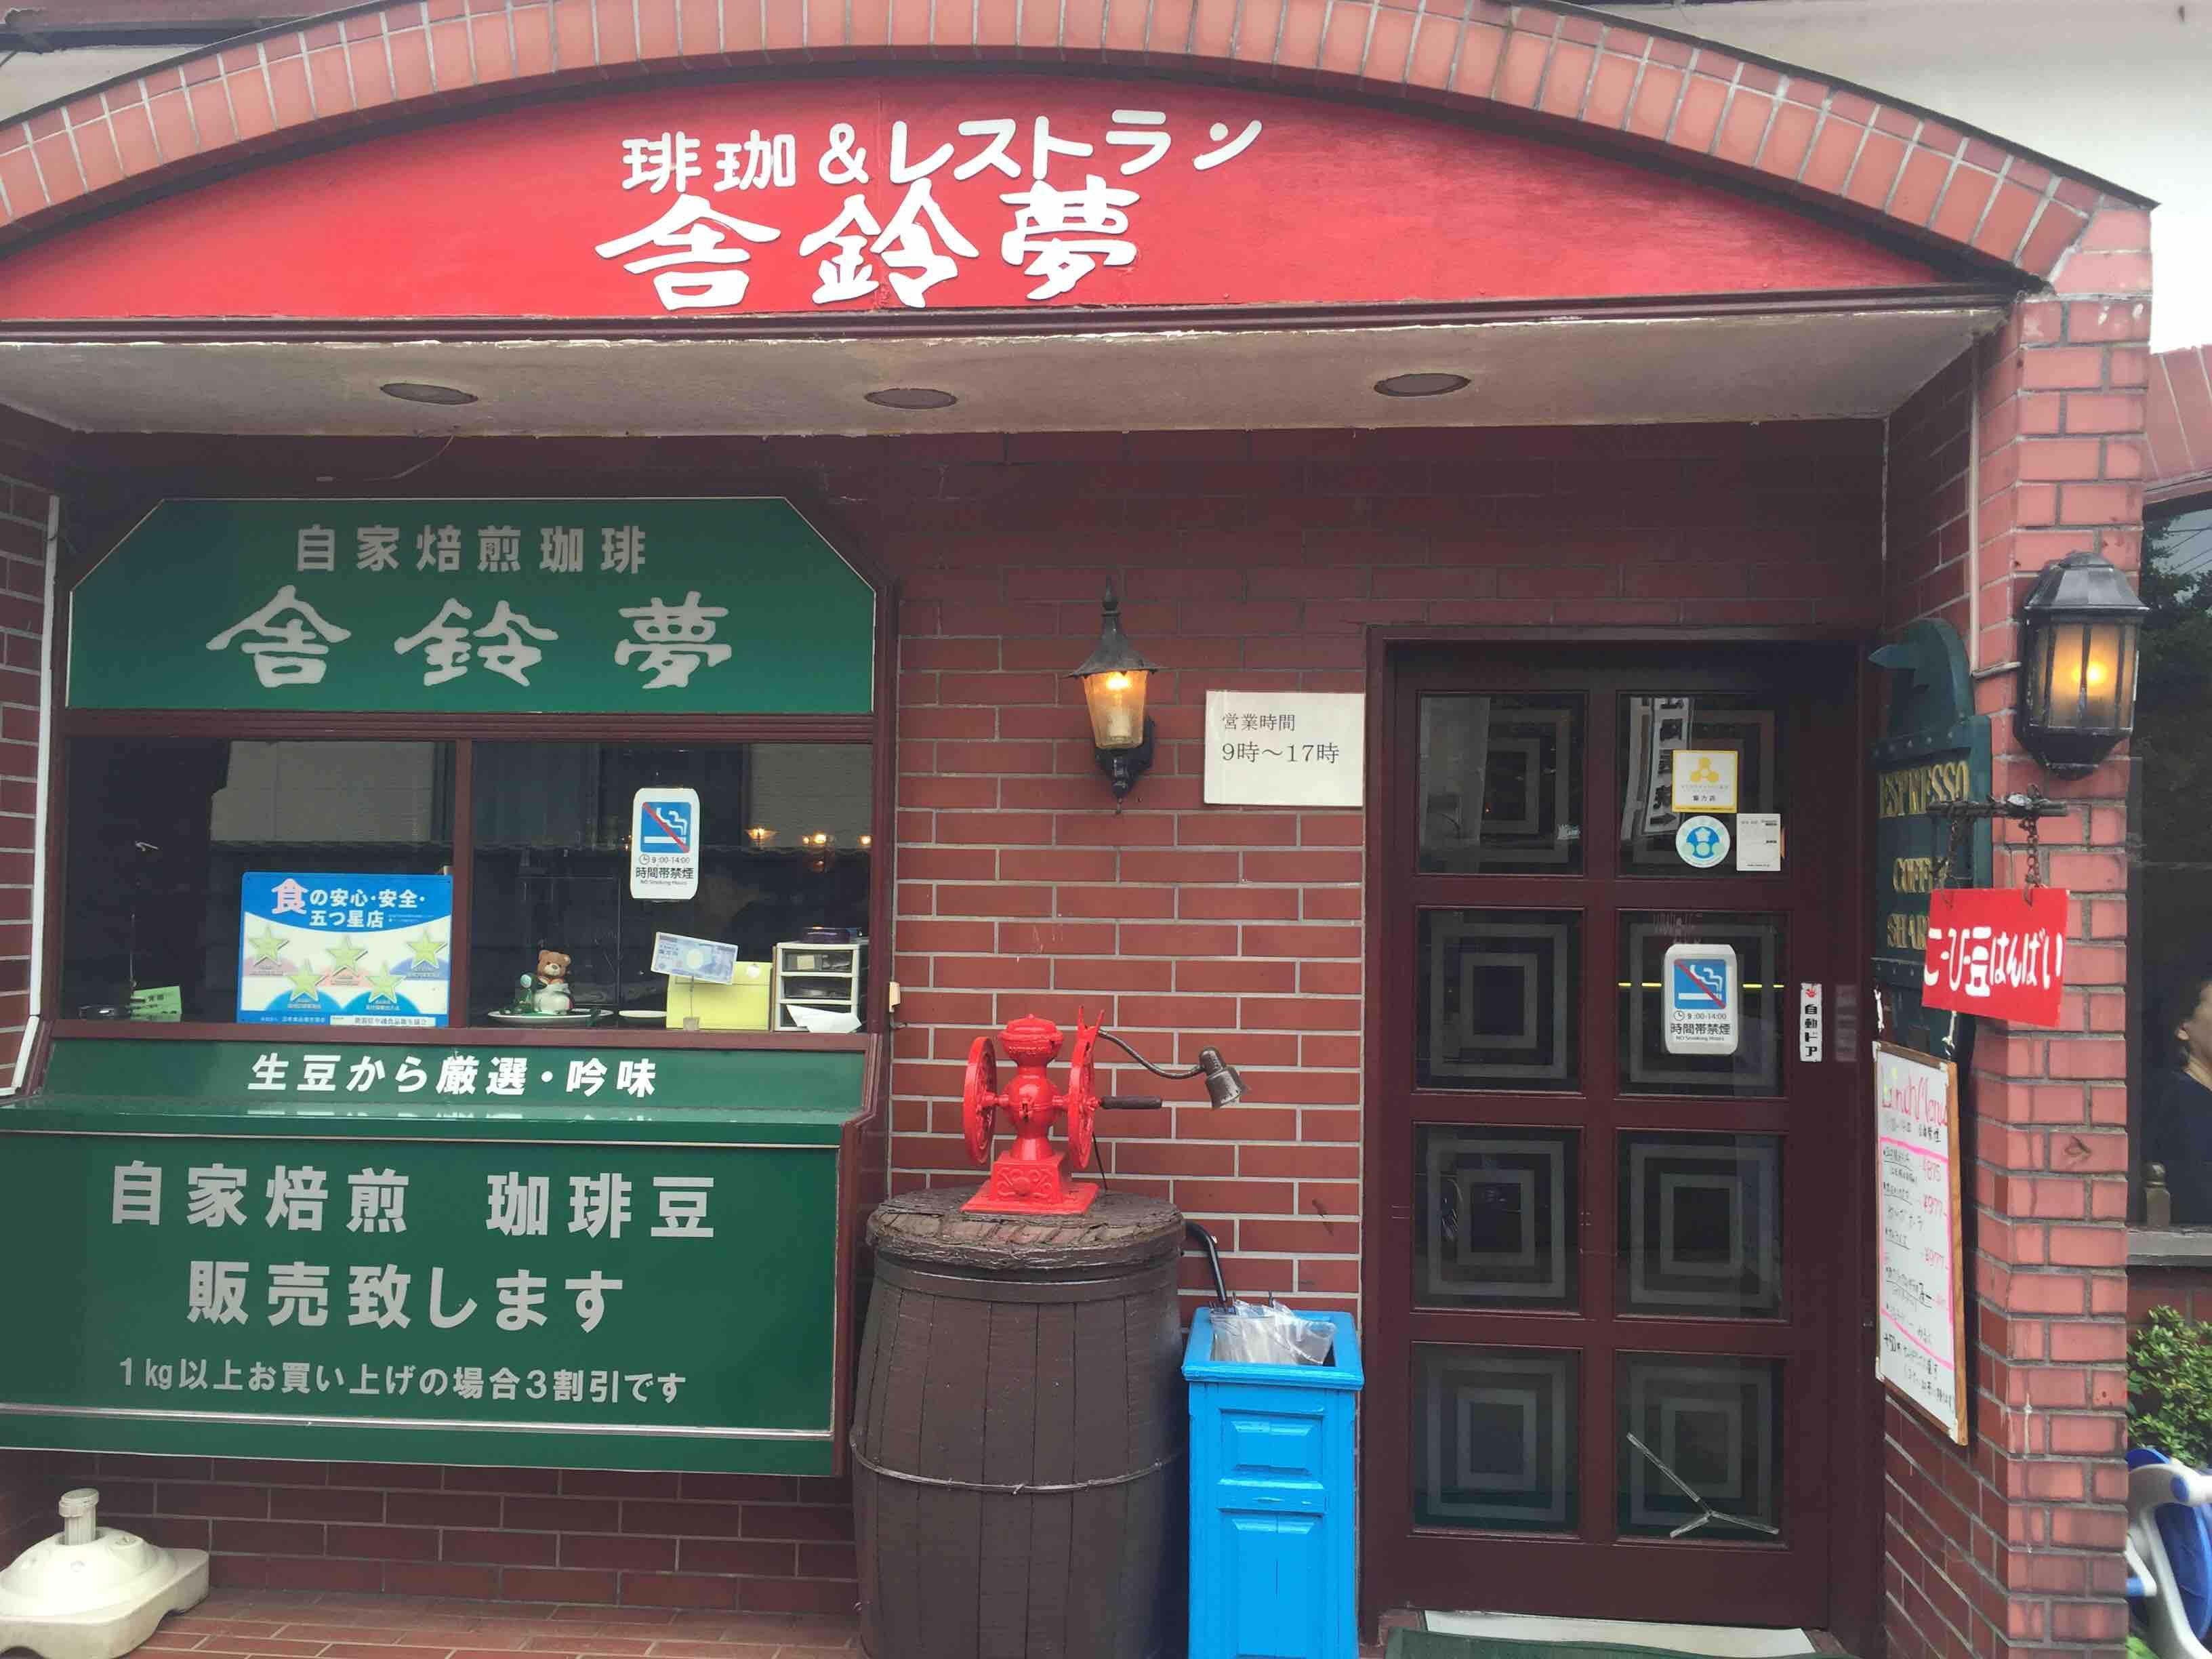 これぞ THE喫茶店!